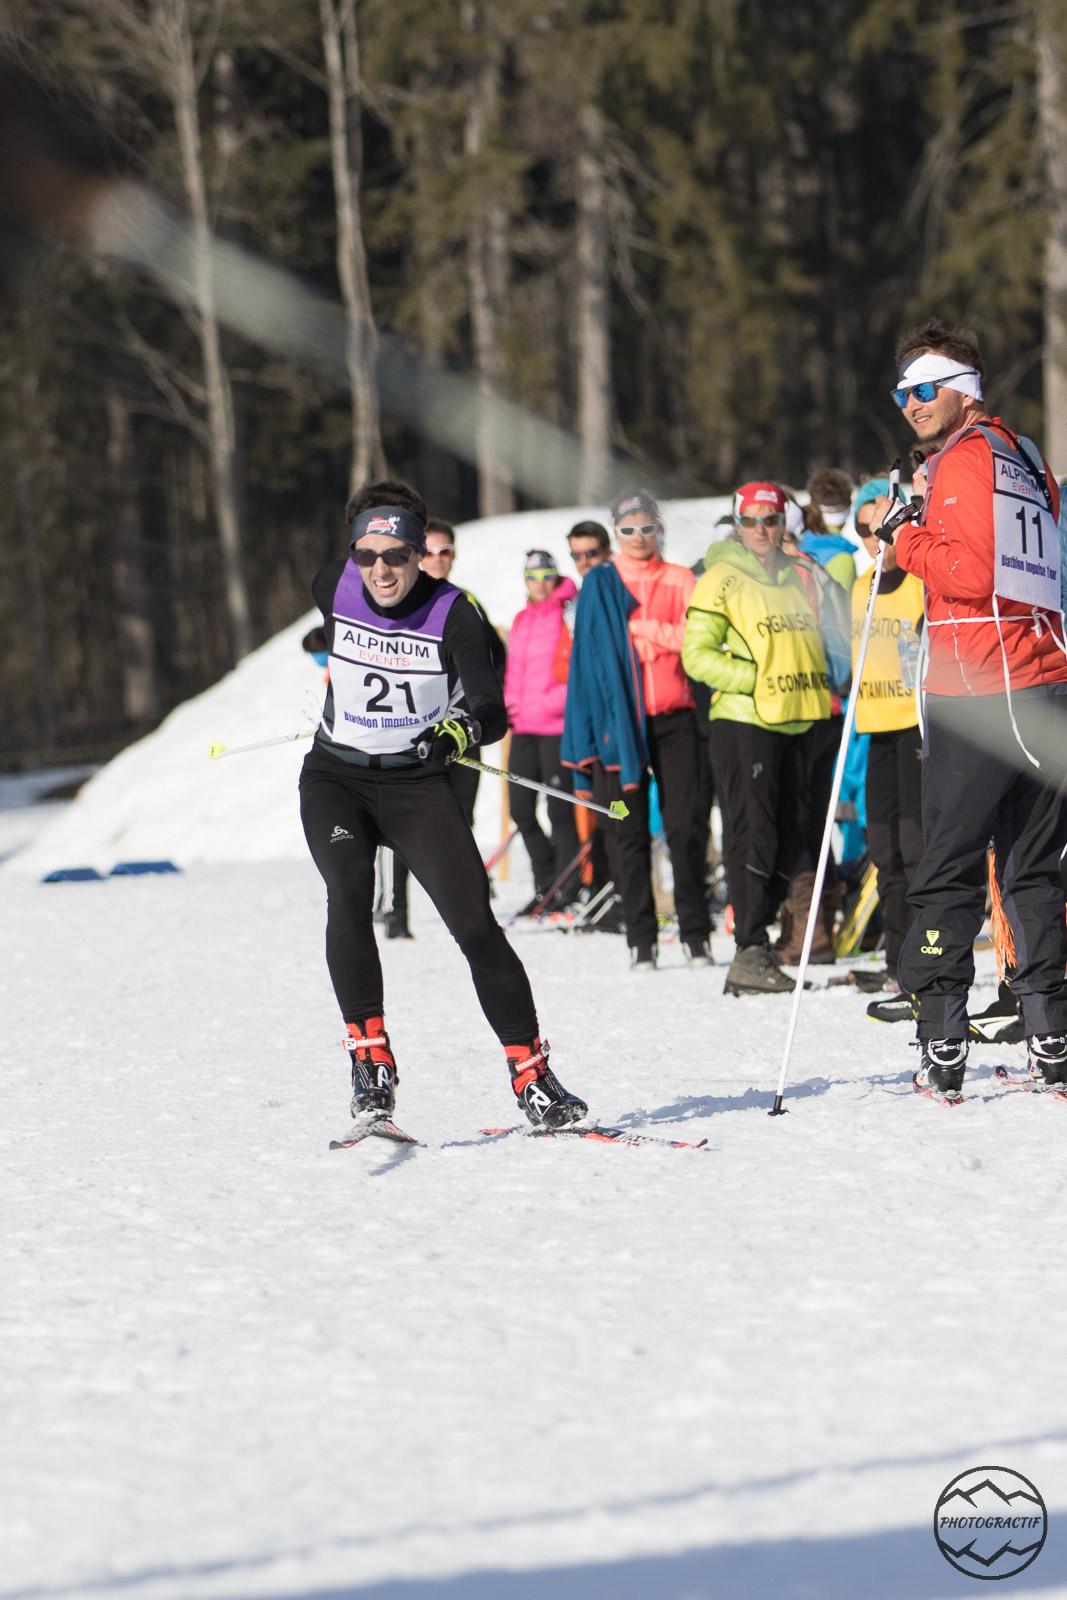 Biathlon Alpinum Les Contamines 2019 (102)